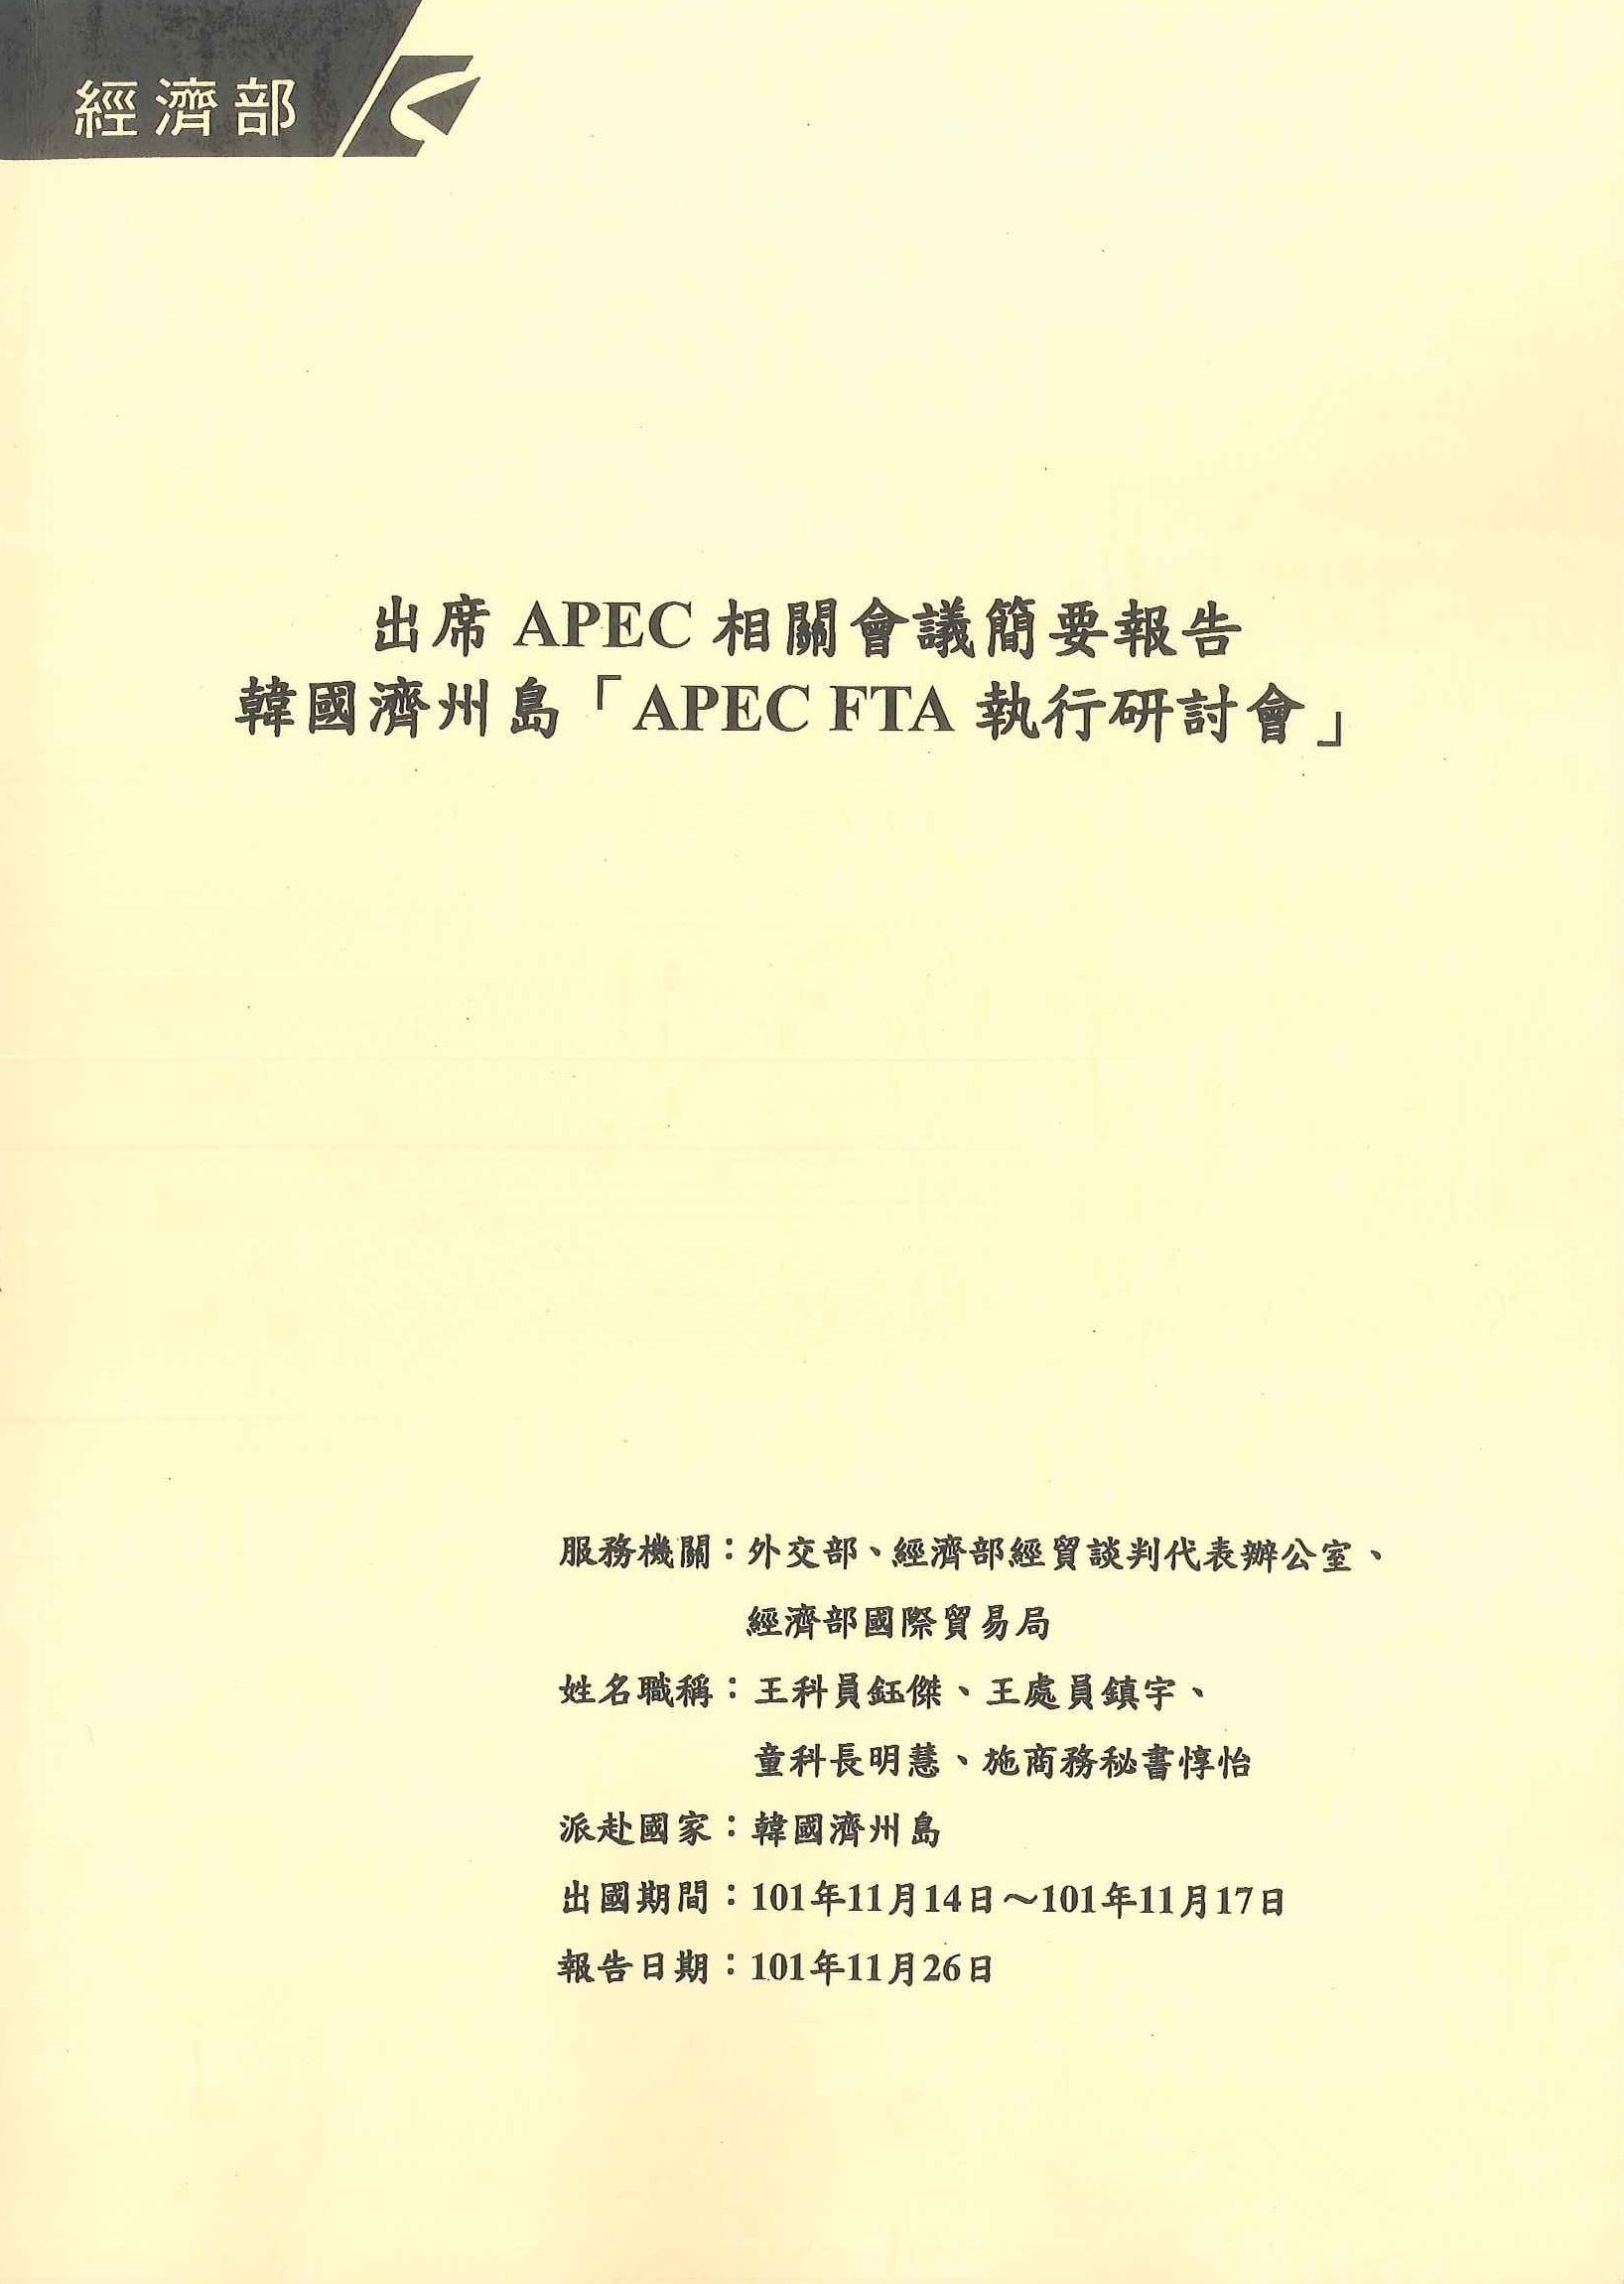 出席APEC相關會議簡要報告韓國濟州島「APEC FTA執行研討會」=APEC workshop on FTA implementation